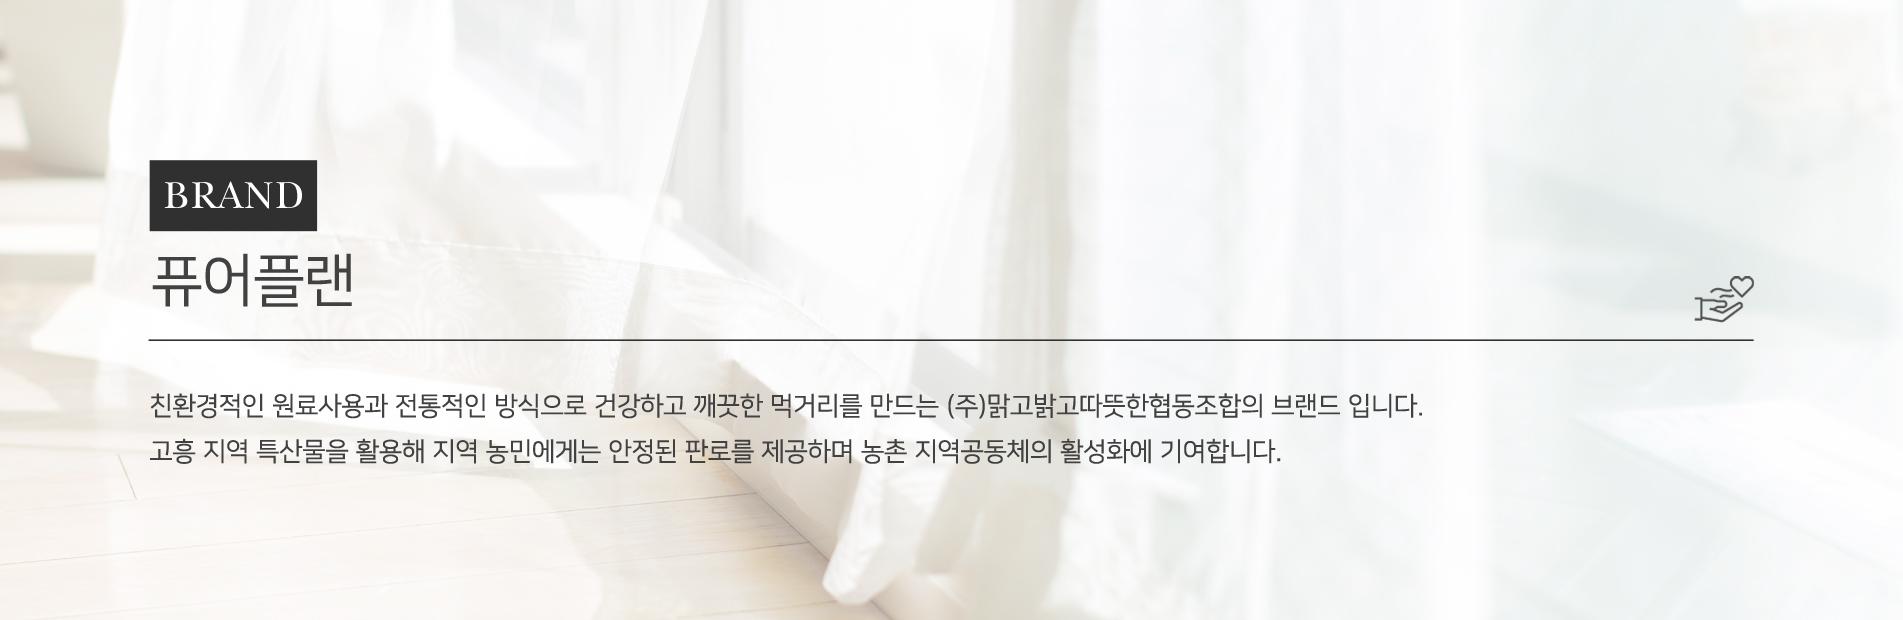 30밀리스토어 소셜가 퓨어플랜 브랜드 소개